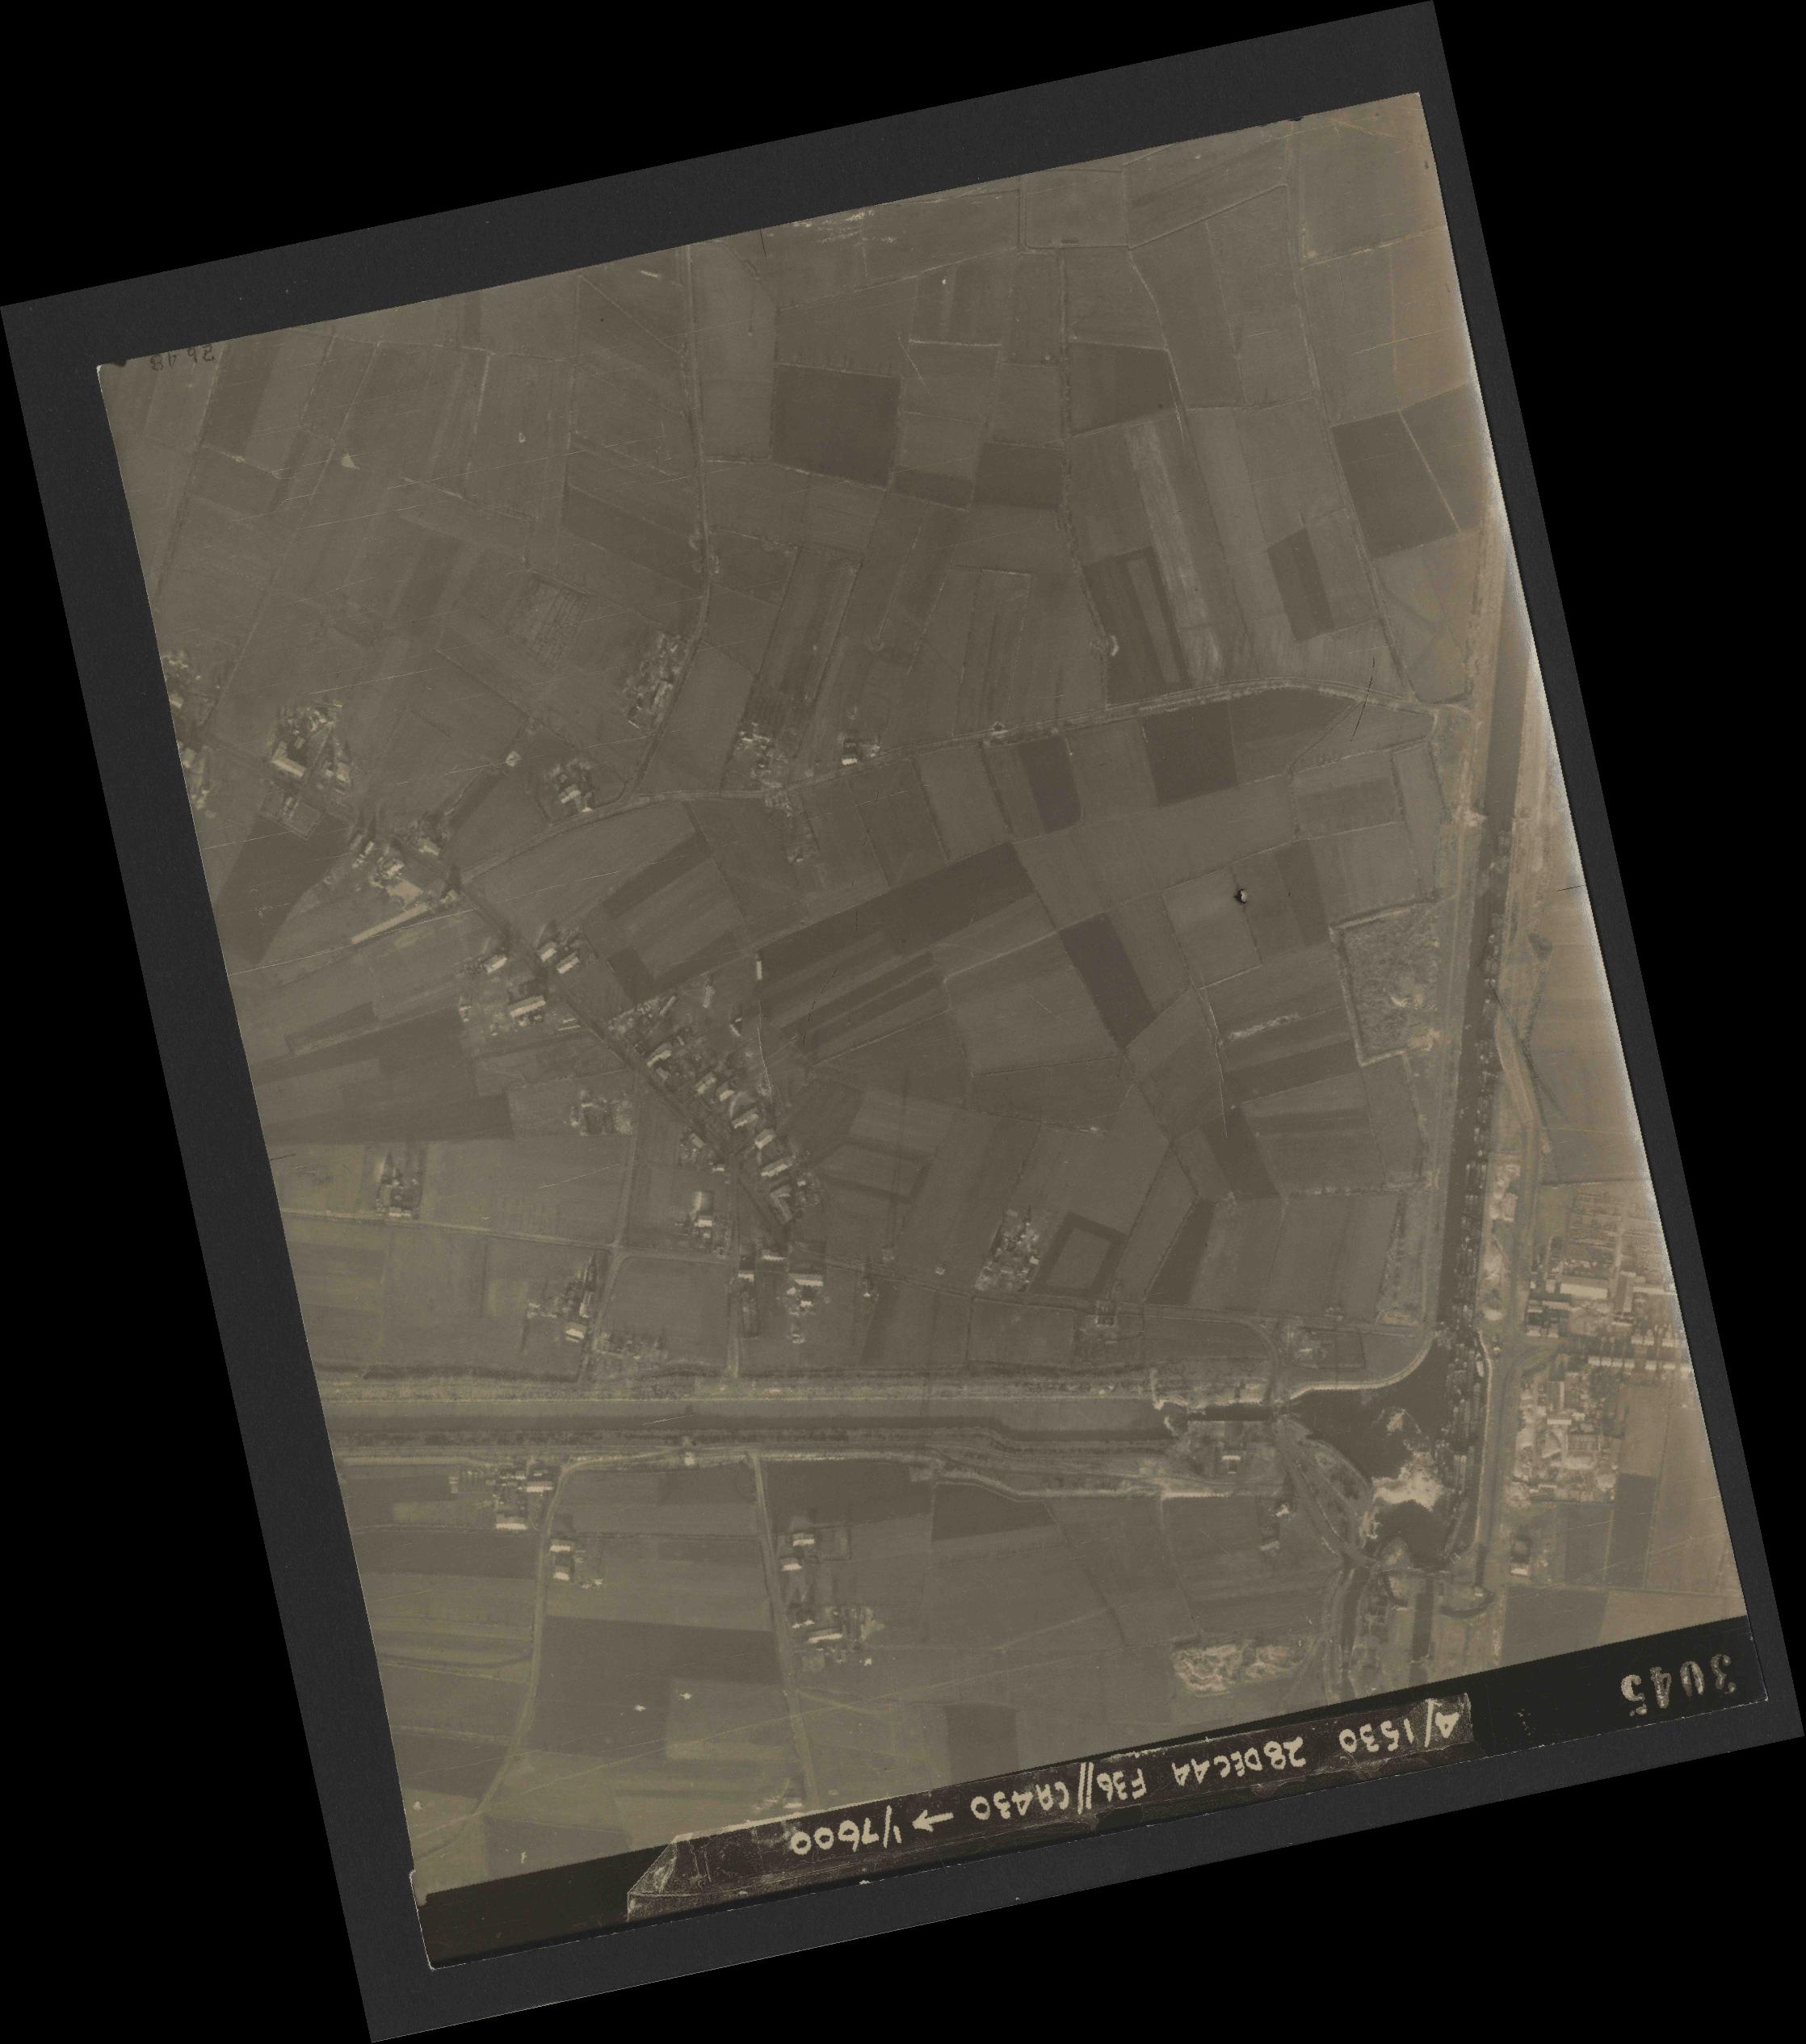 Collection RAF aerial photos 1940-1945 - flight 050, run 06, photo 3045